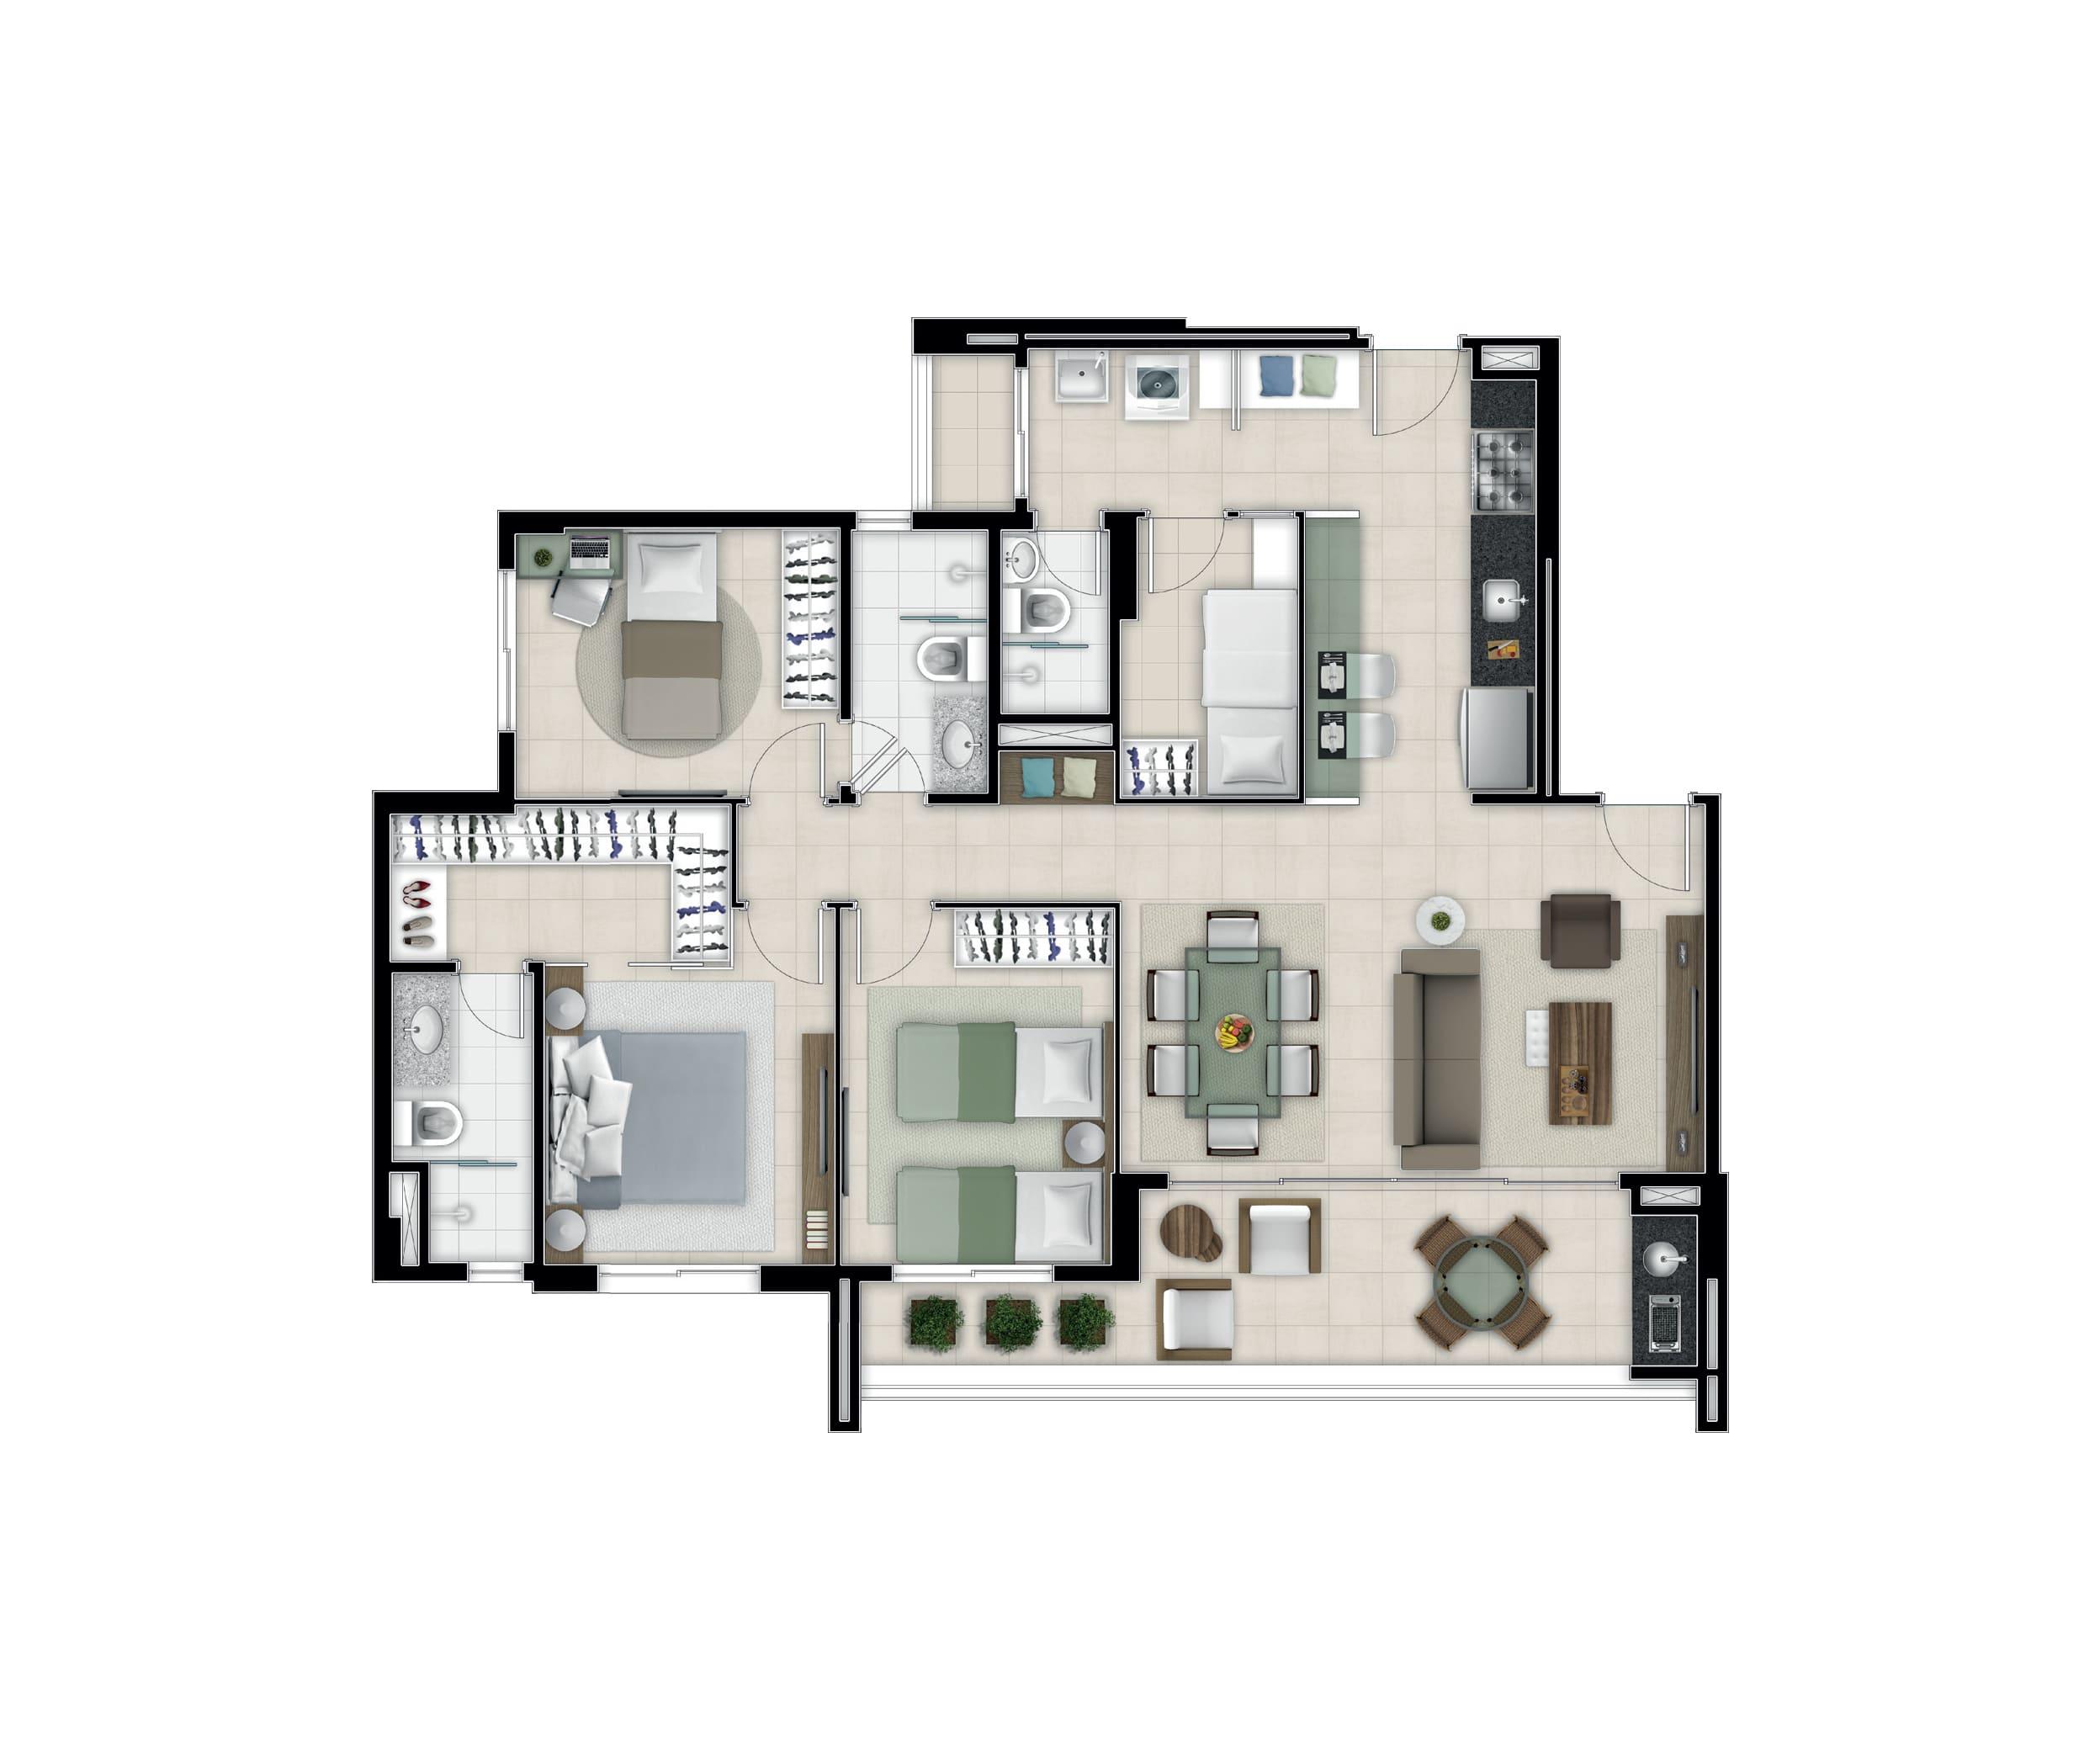 MARZZANO 100,39M²